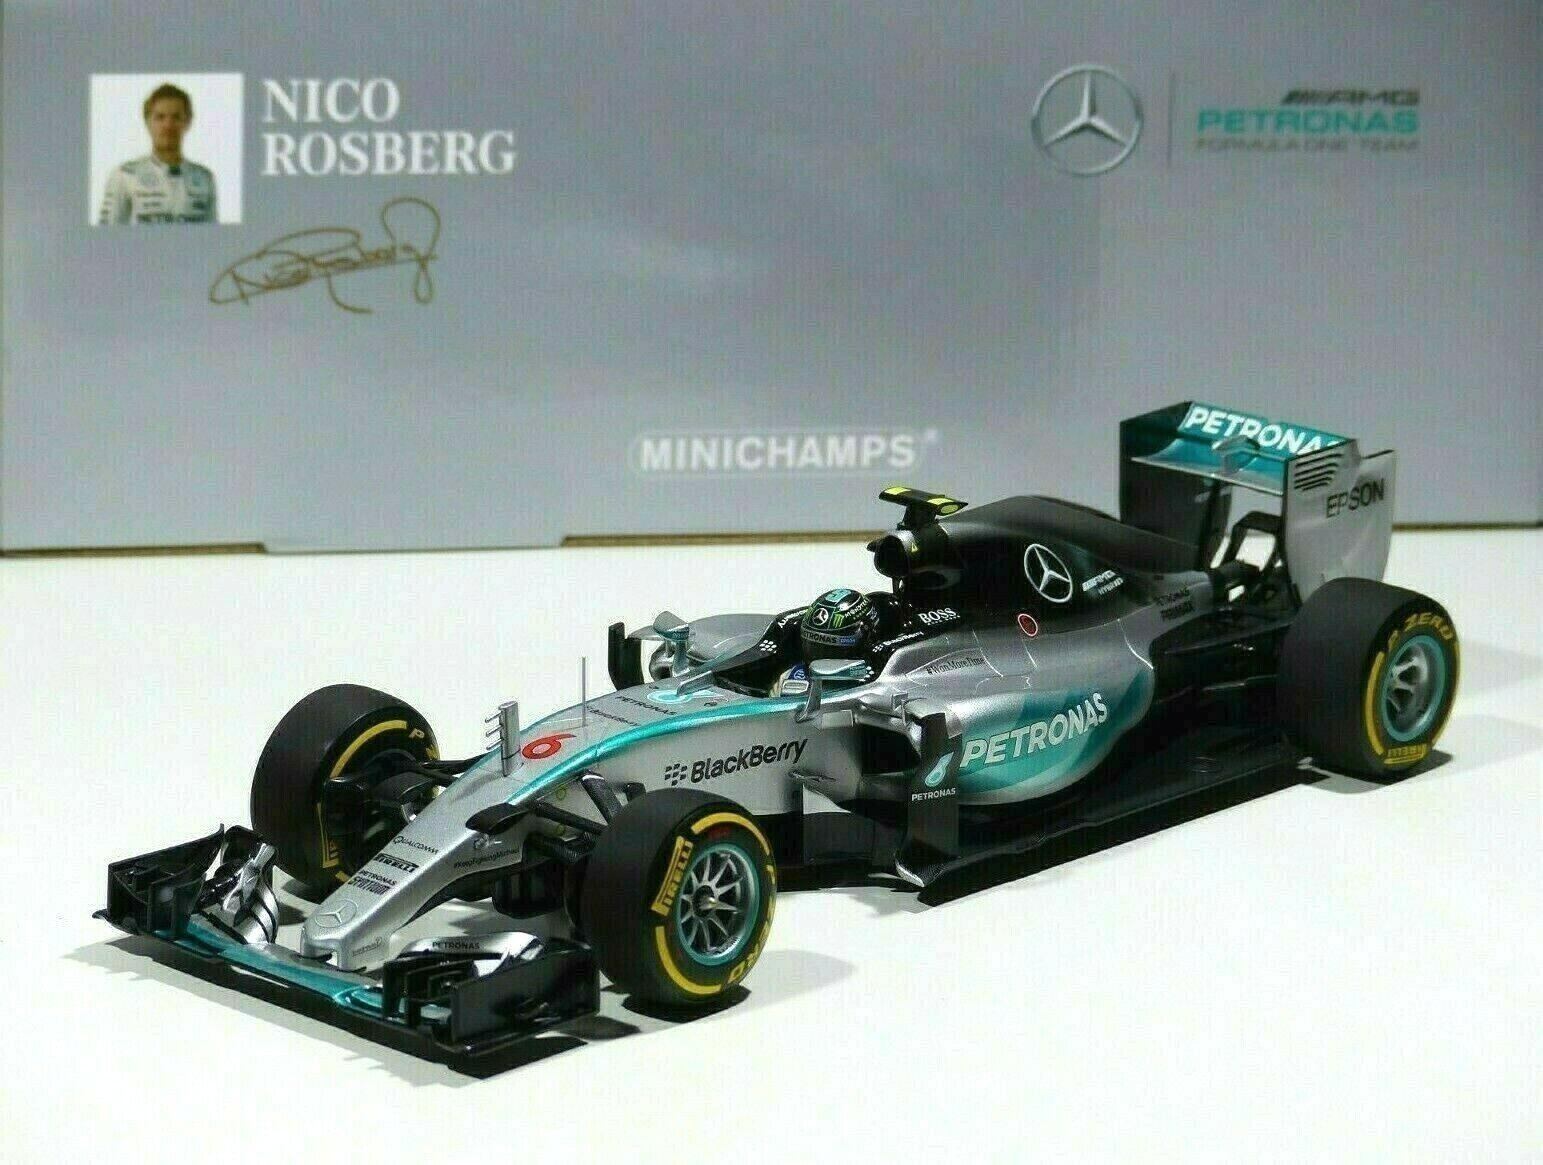 ordina ora con grande sconto e consegna gratuita Nico Rosberg Rosberg Rosberg  6 MERCEDES AMG Petronas f1 GP 2015 USA ibrido w06 1 18 Minichamps  marche online vendita a basso costo